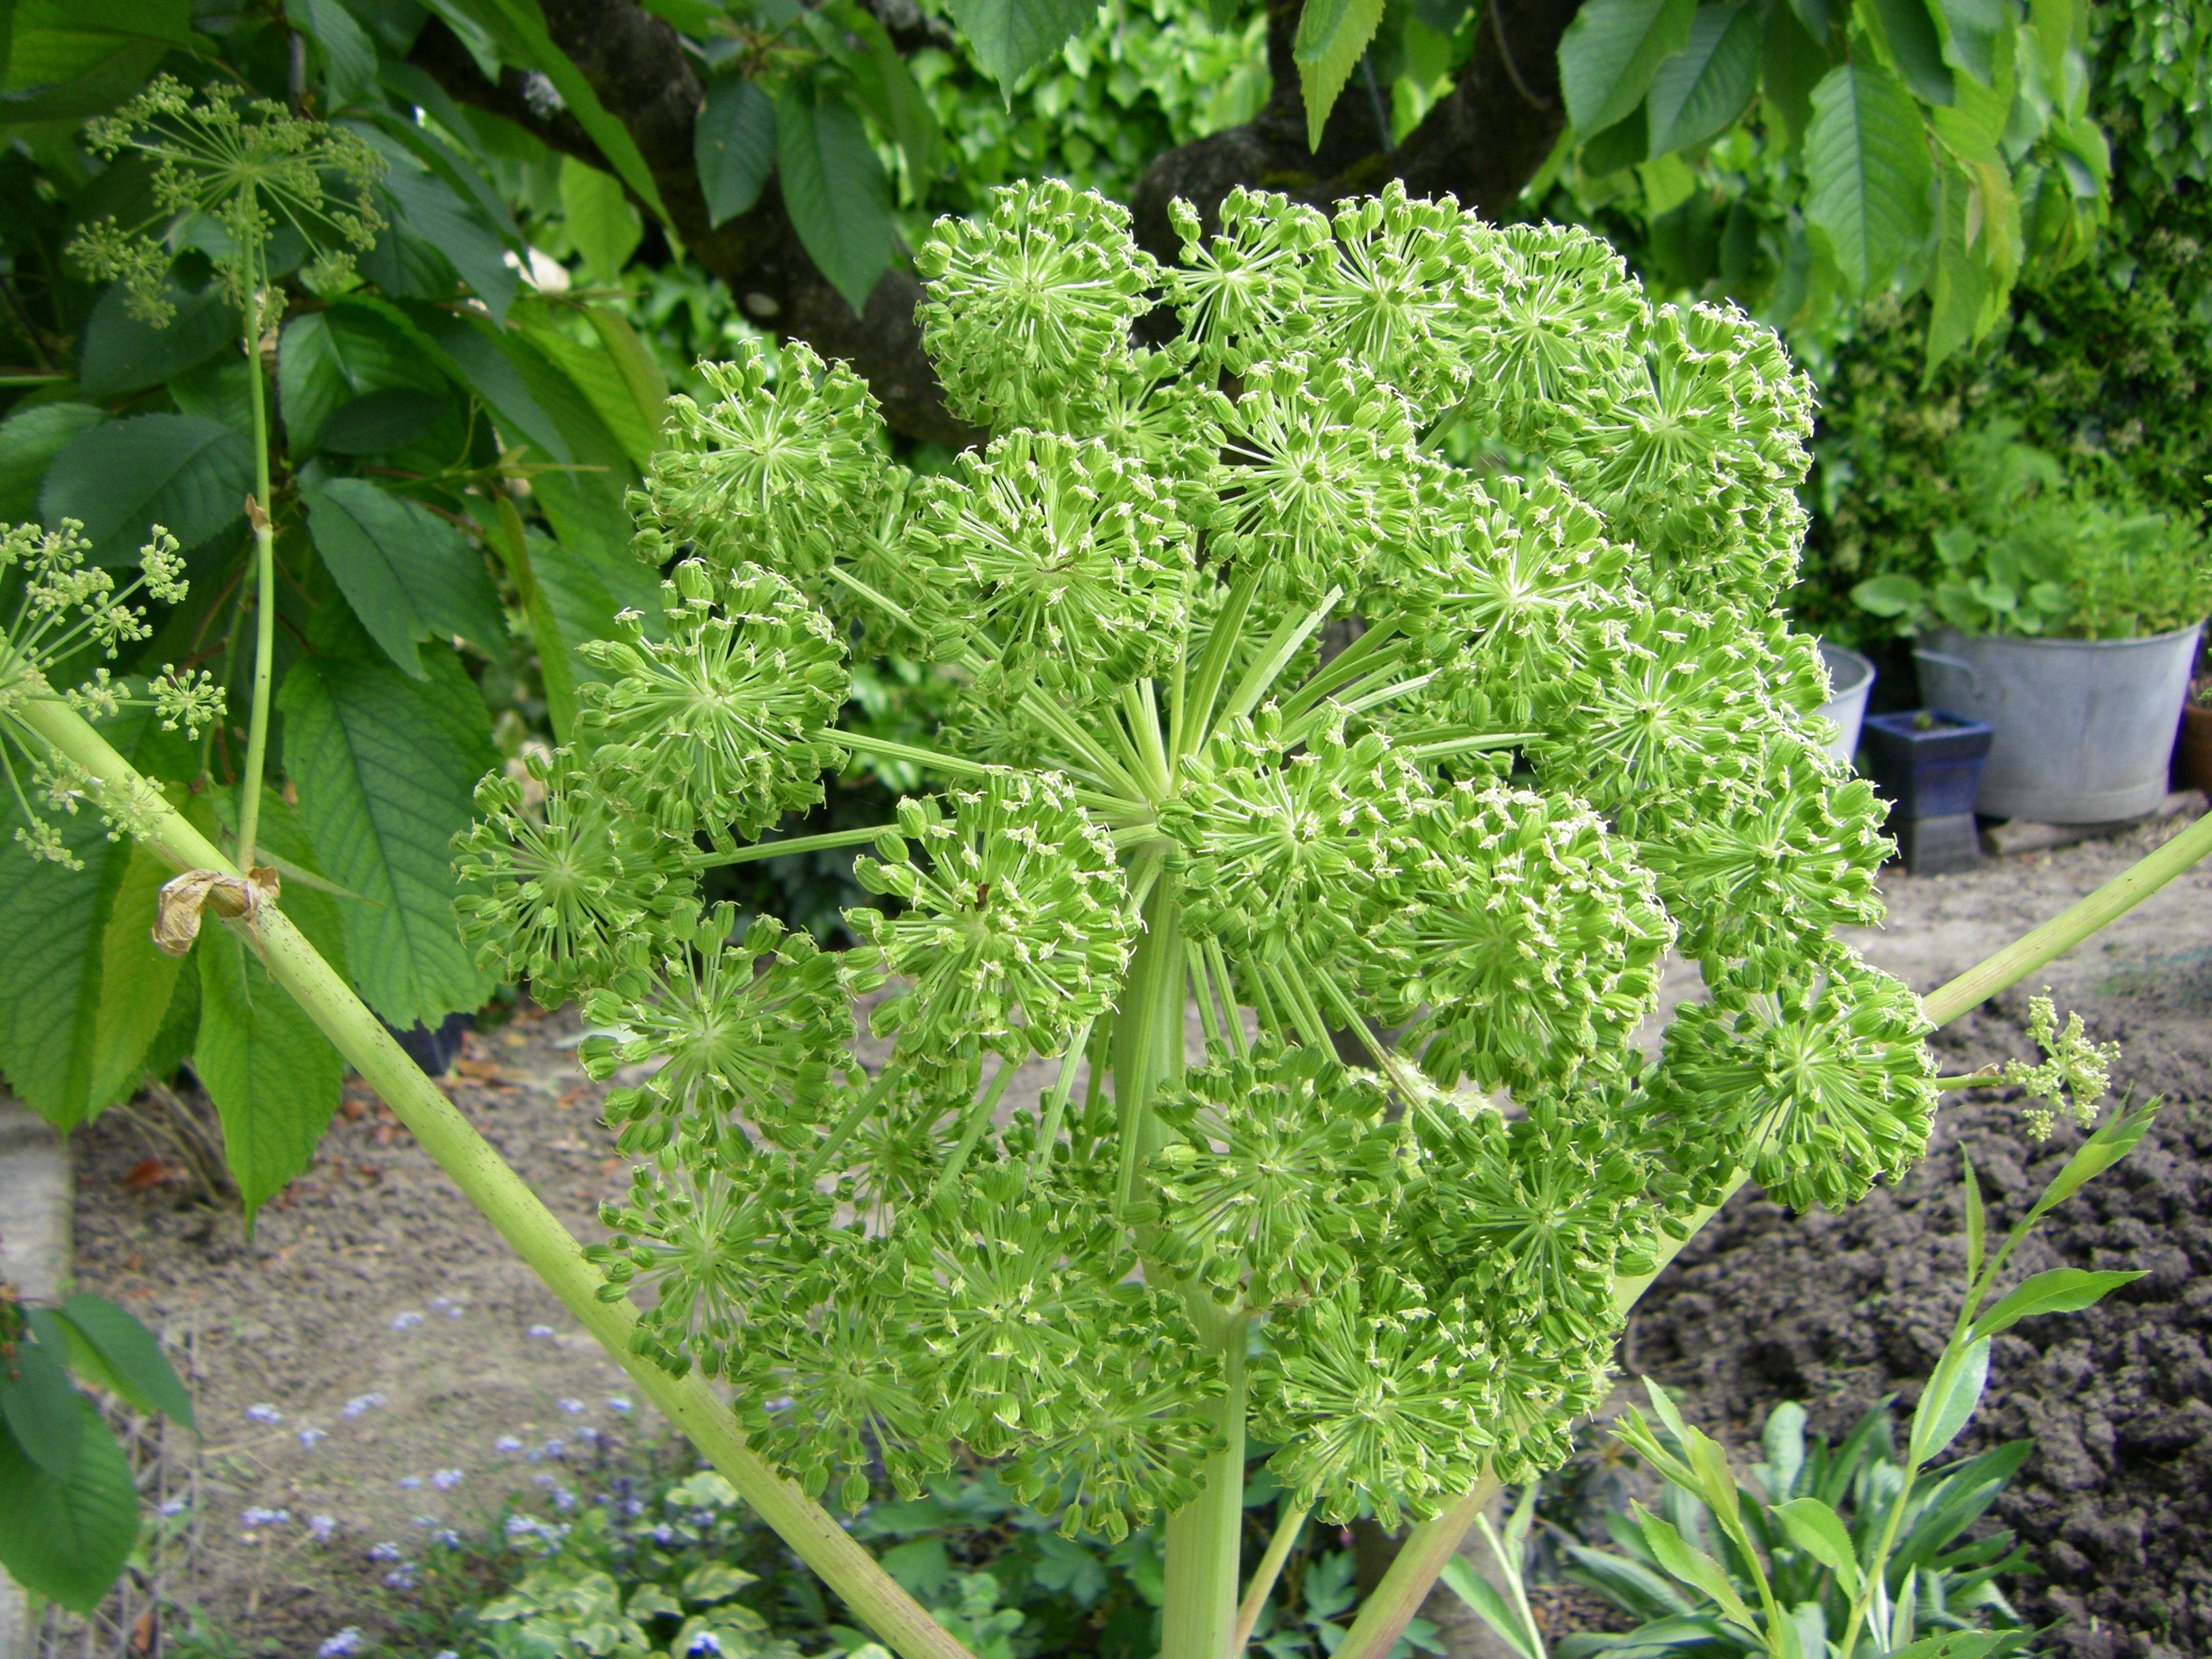 Plantes et usages m dicinaux page 2 for Plante angelique